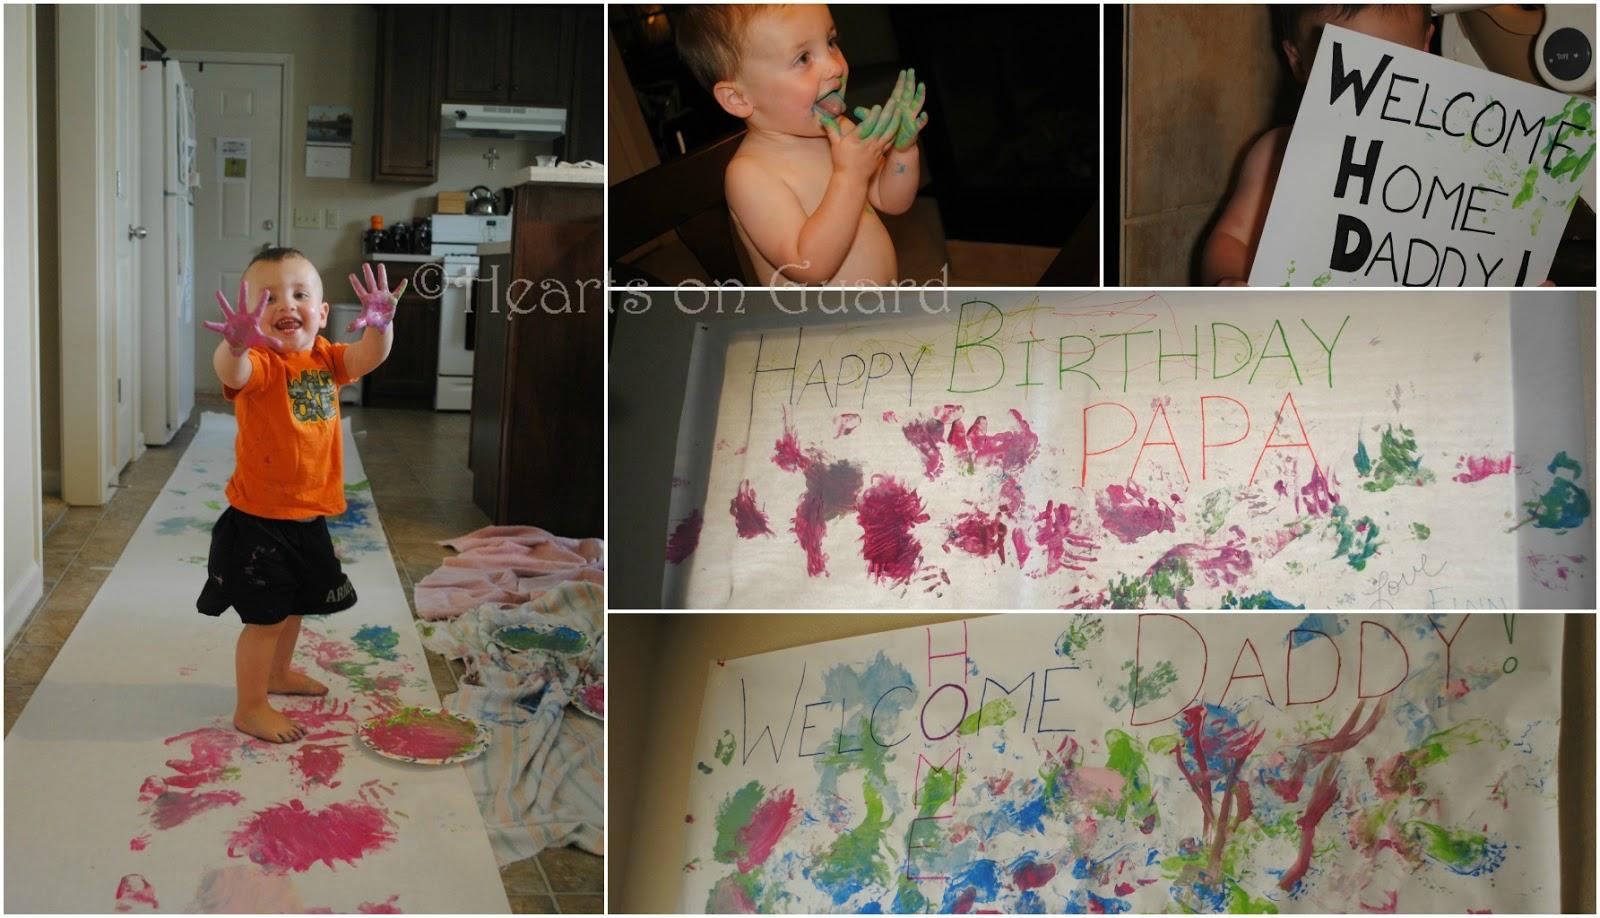 http://2.bp.blogspot.com/-m6lArgXfxhM/UQLgMIIXRxI/AAAAAAAAA0E/flVGlDBmfzA/s1600/PaintingProjects.jpg